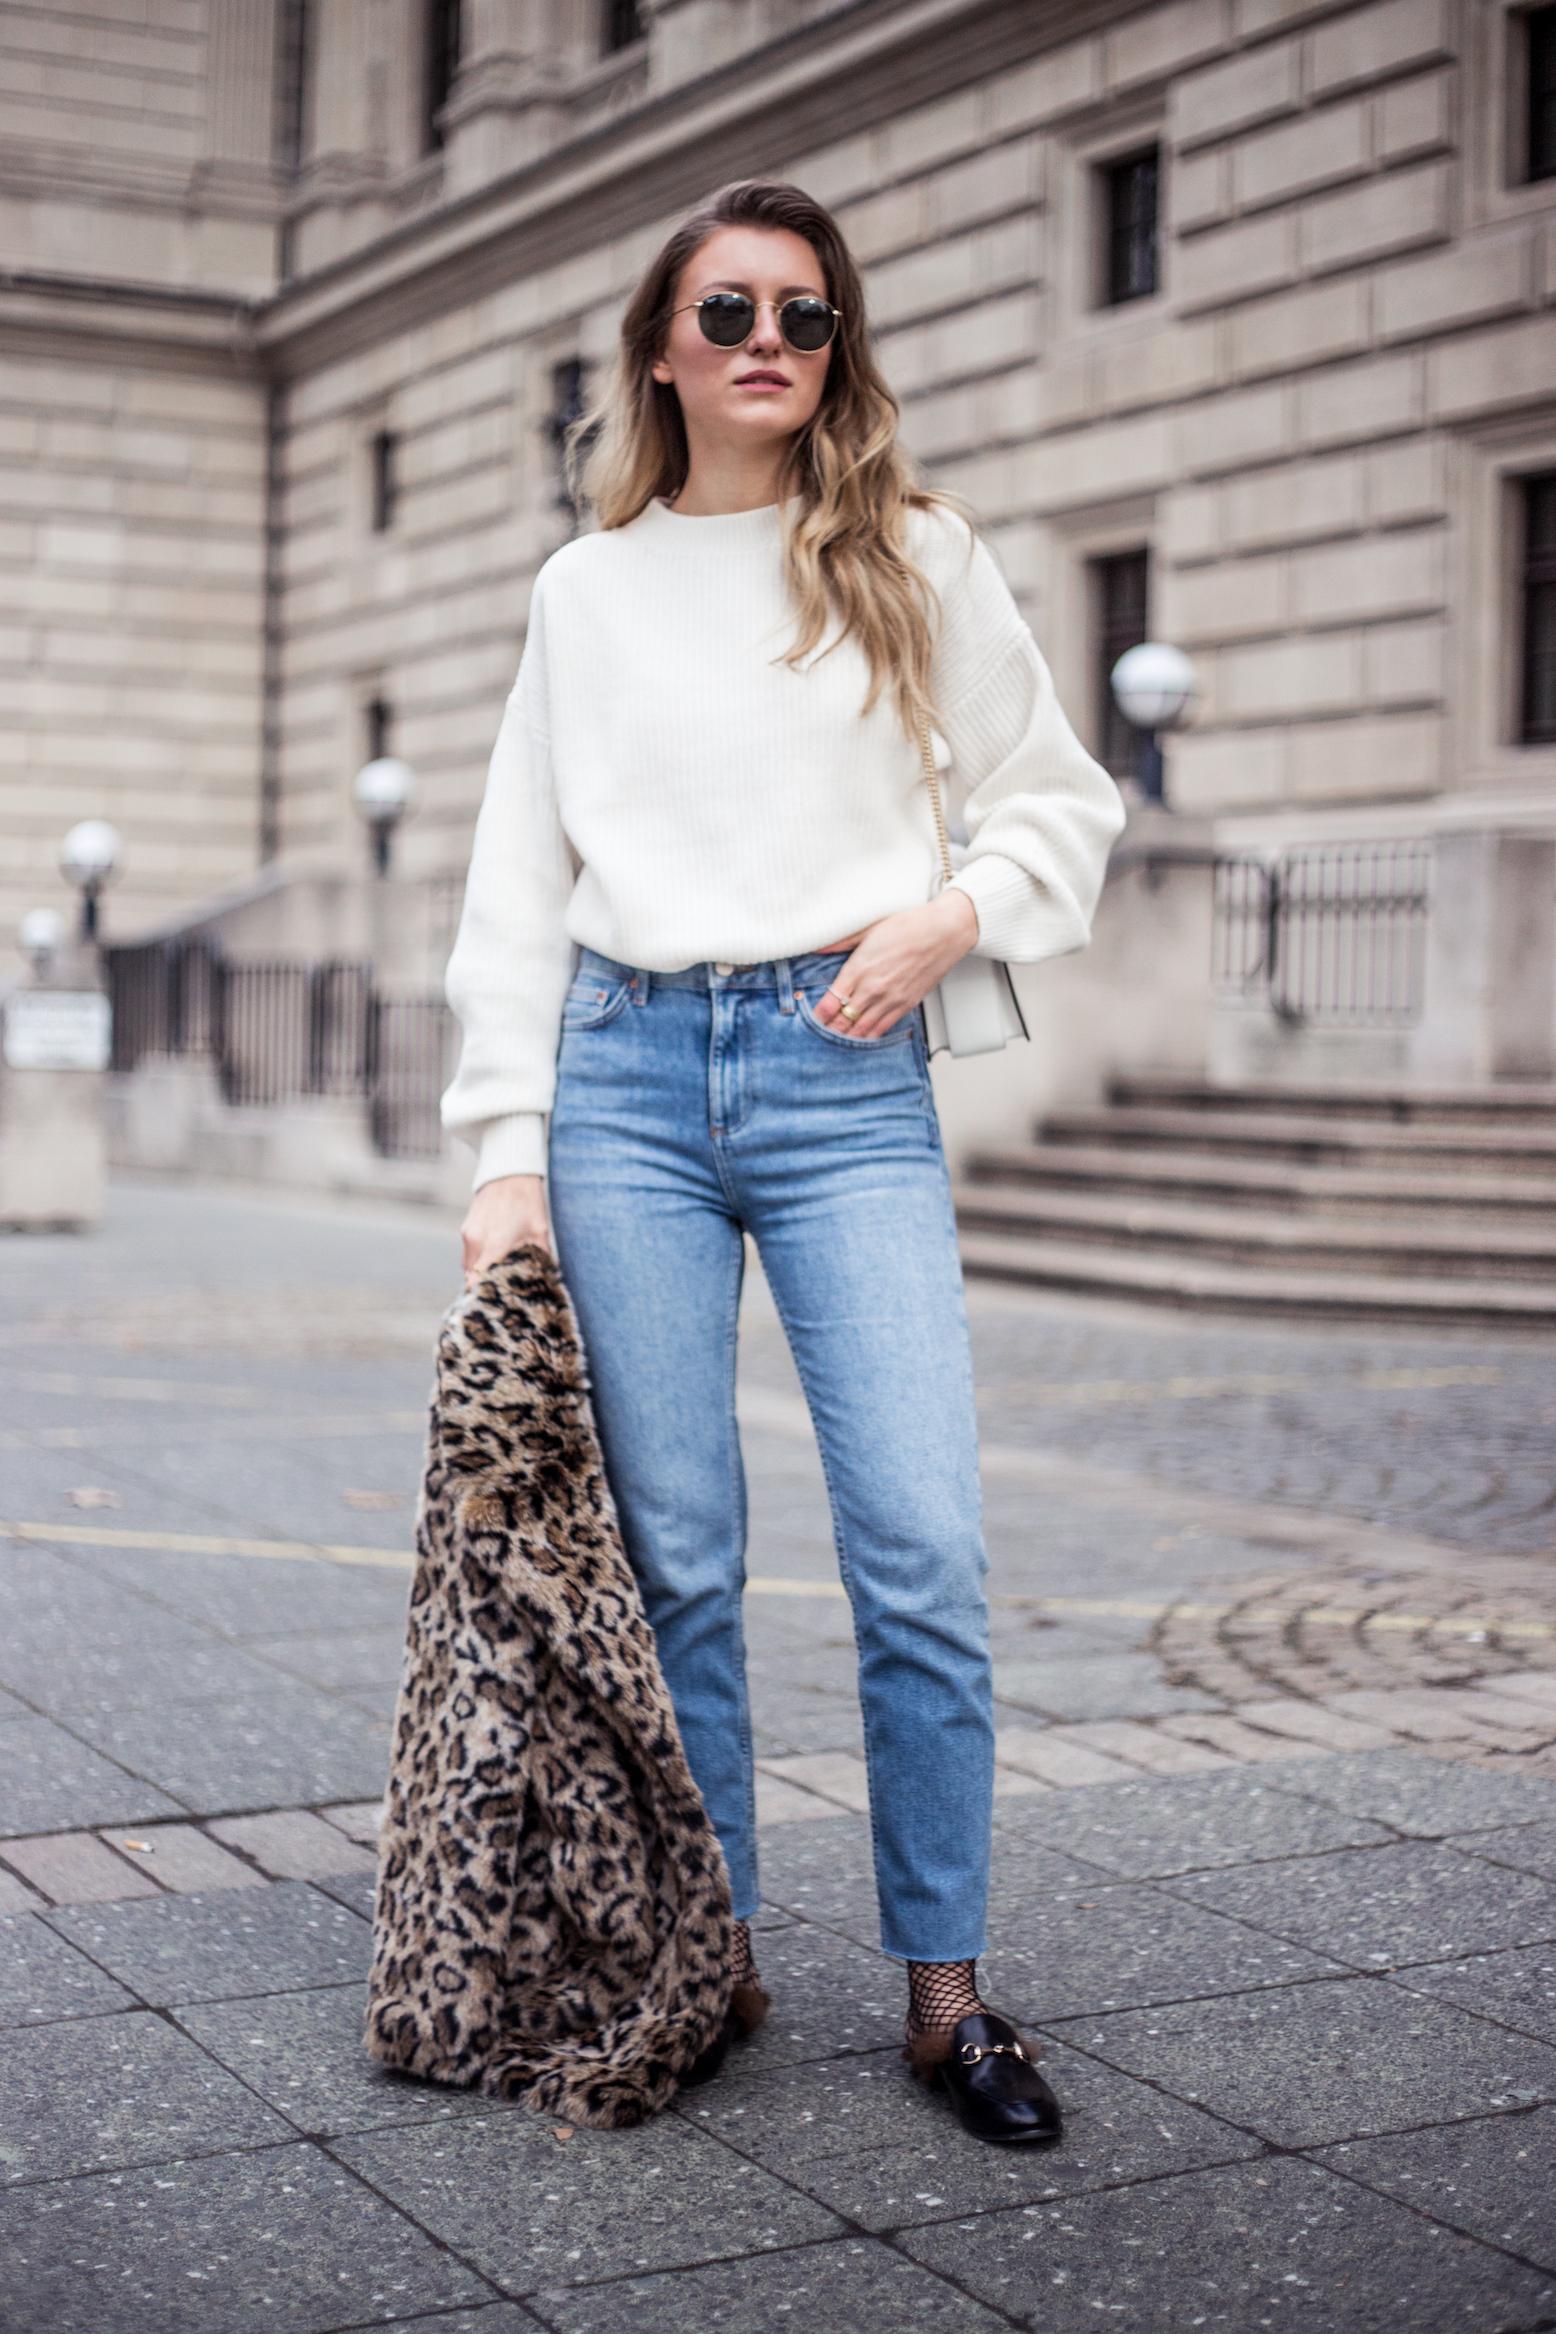 gucci-mules-leopard-fake-fur-outfit-livia-auer-9954